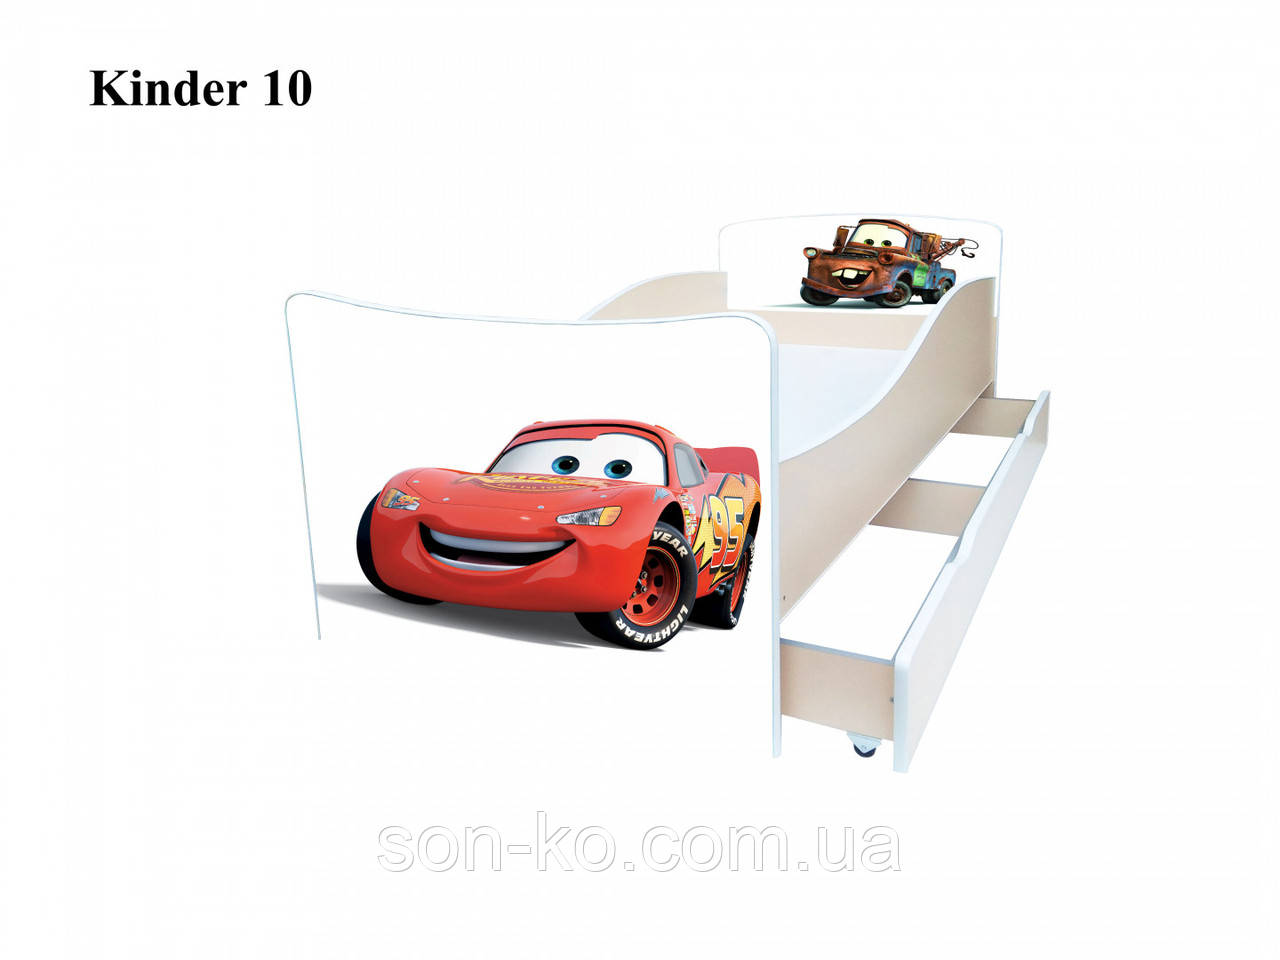 Кровать детская Киндер Машины. Бесплатная доставка